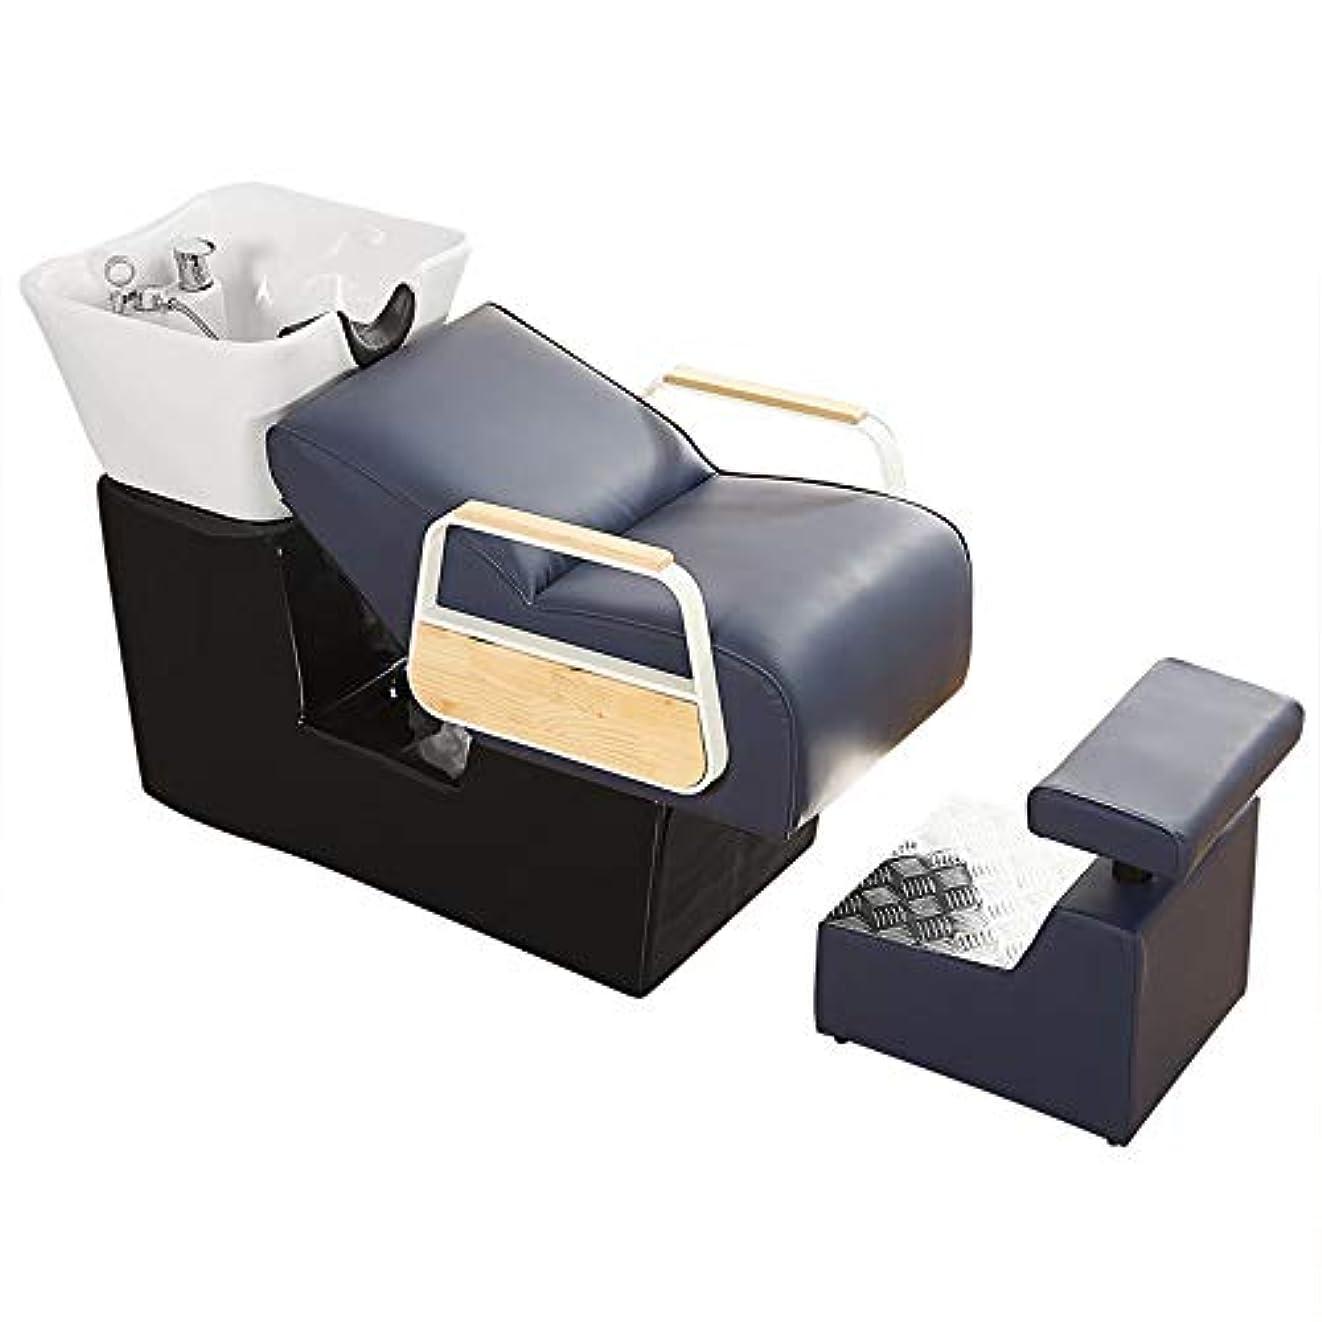 器具ハードリング装置シャンプーの椅子、逆洗の単位の陶磁器の洗面器の洗面器のための洗面器のボウル理髪シンクの椅子